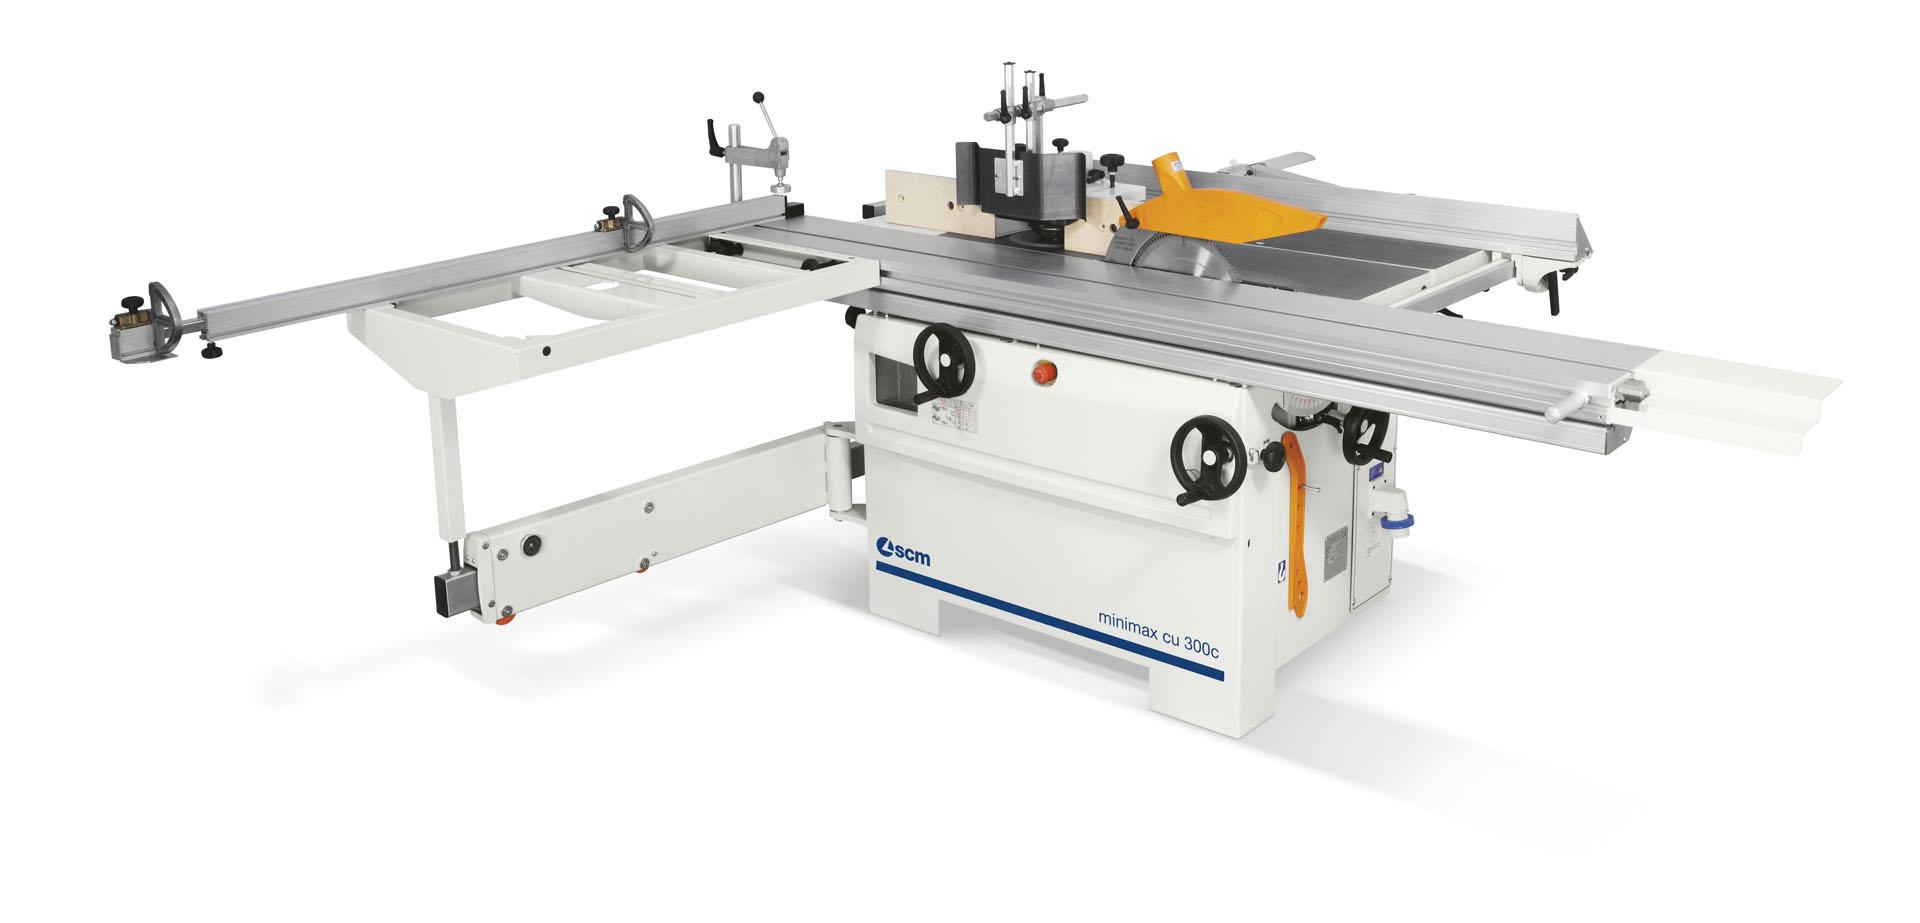 Kombinationsmaskin för träbearbetning CU300 CL